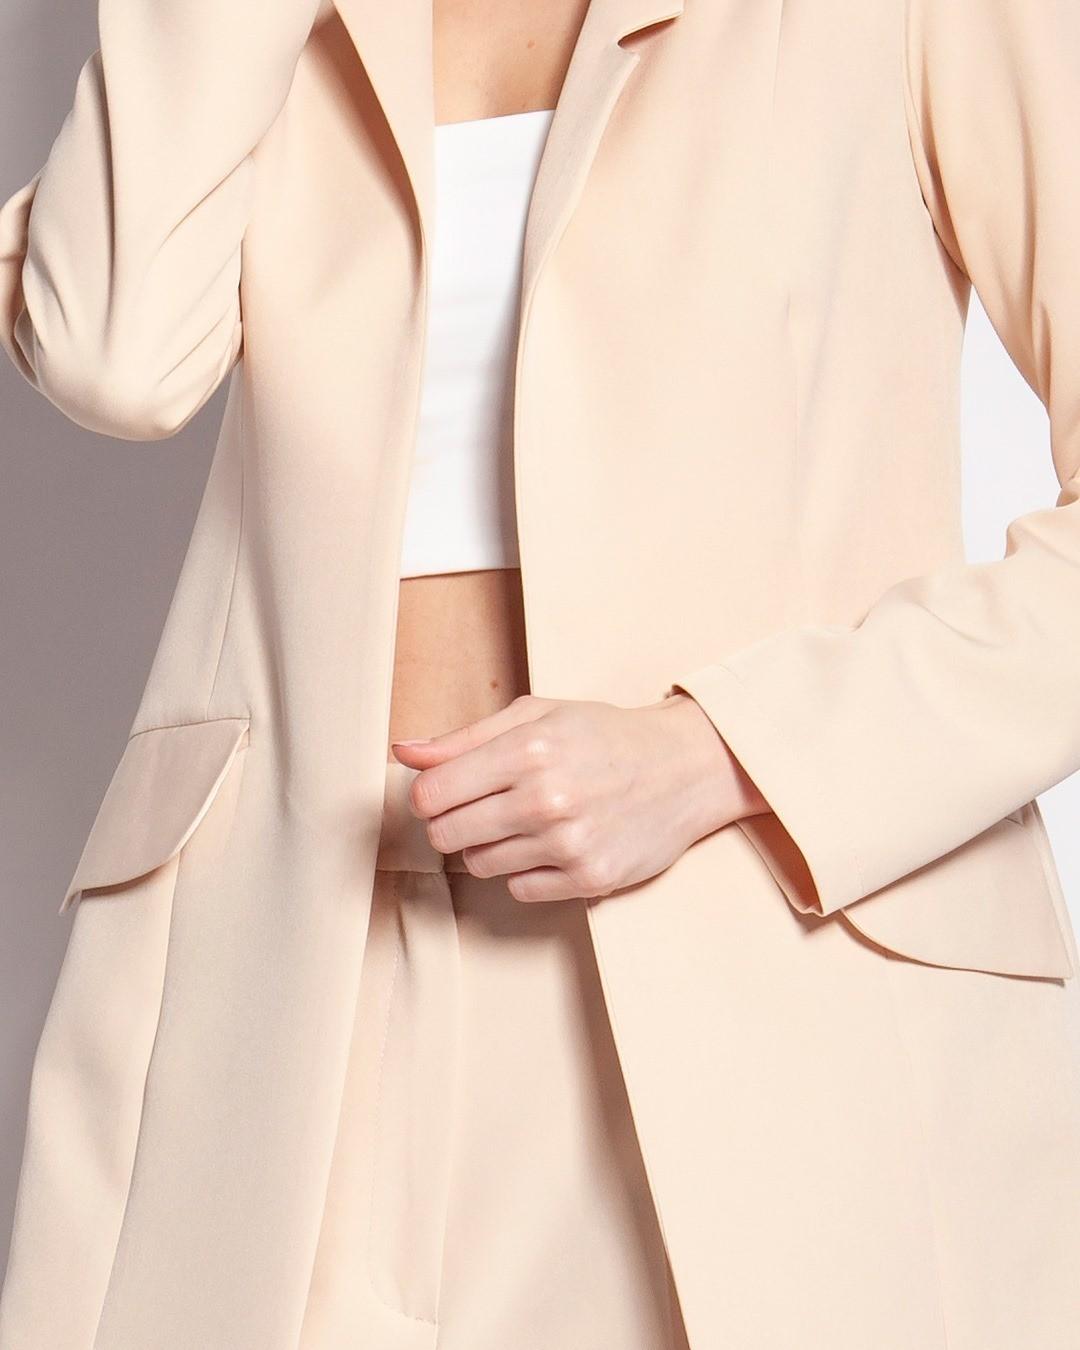 .. jest taki pomysł, zeby ożywić trochę atmosferę przy poniedziałku i klasyczny żakiet połączyć z odsłaniającym brzuch topem. To się może udać 🙃 #jacket #beigeaesthetic #beigeclothes #beigejacket #żakiet #marynarkadamska #officestyle #wearinterestingclothes #uszytewpolsce #polskamoda